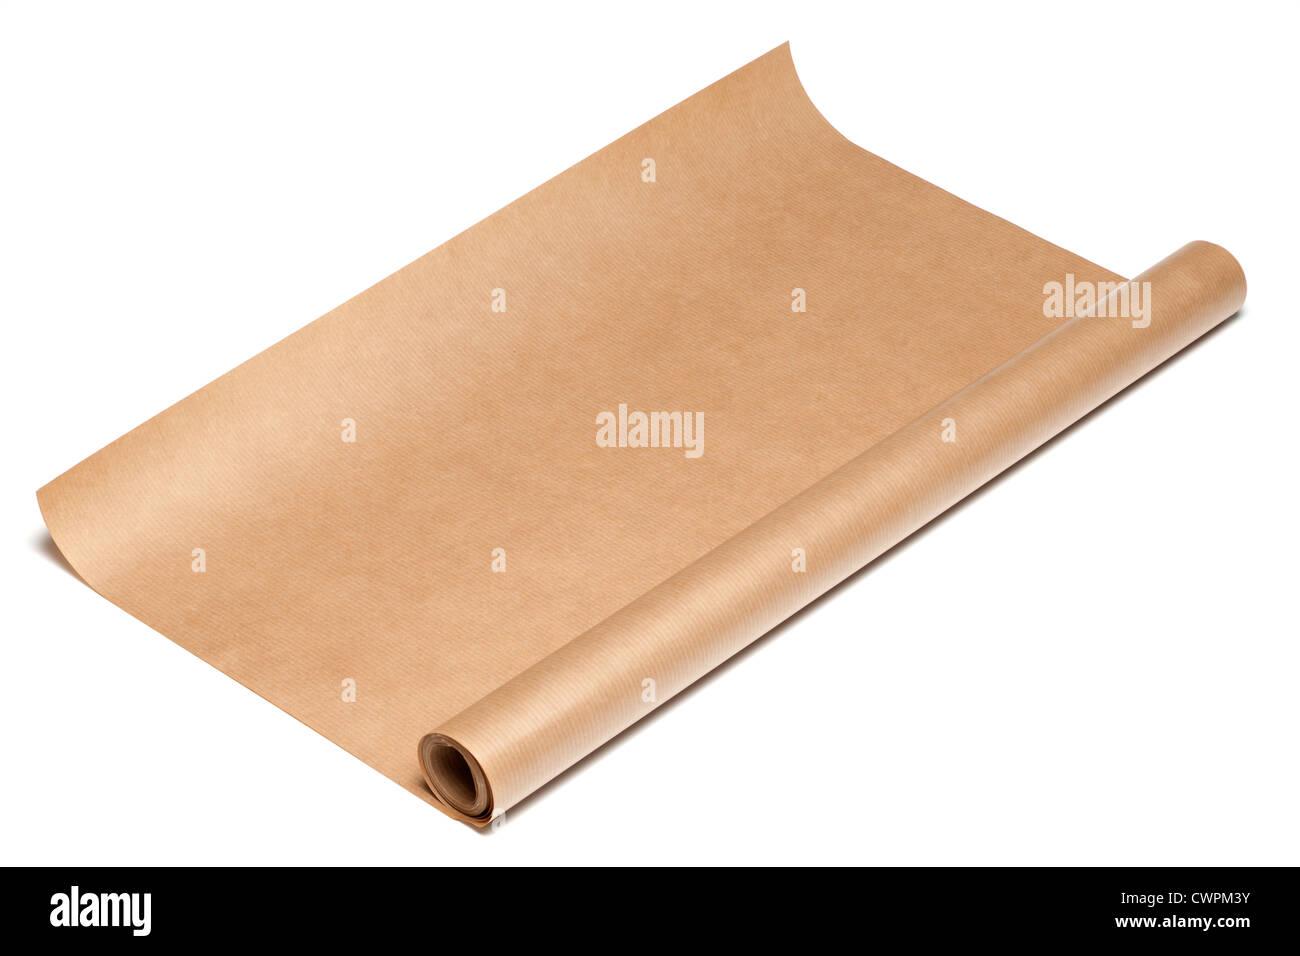 Rollo de papel de embalaje de paquetería marrón Imagen De Stock